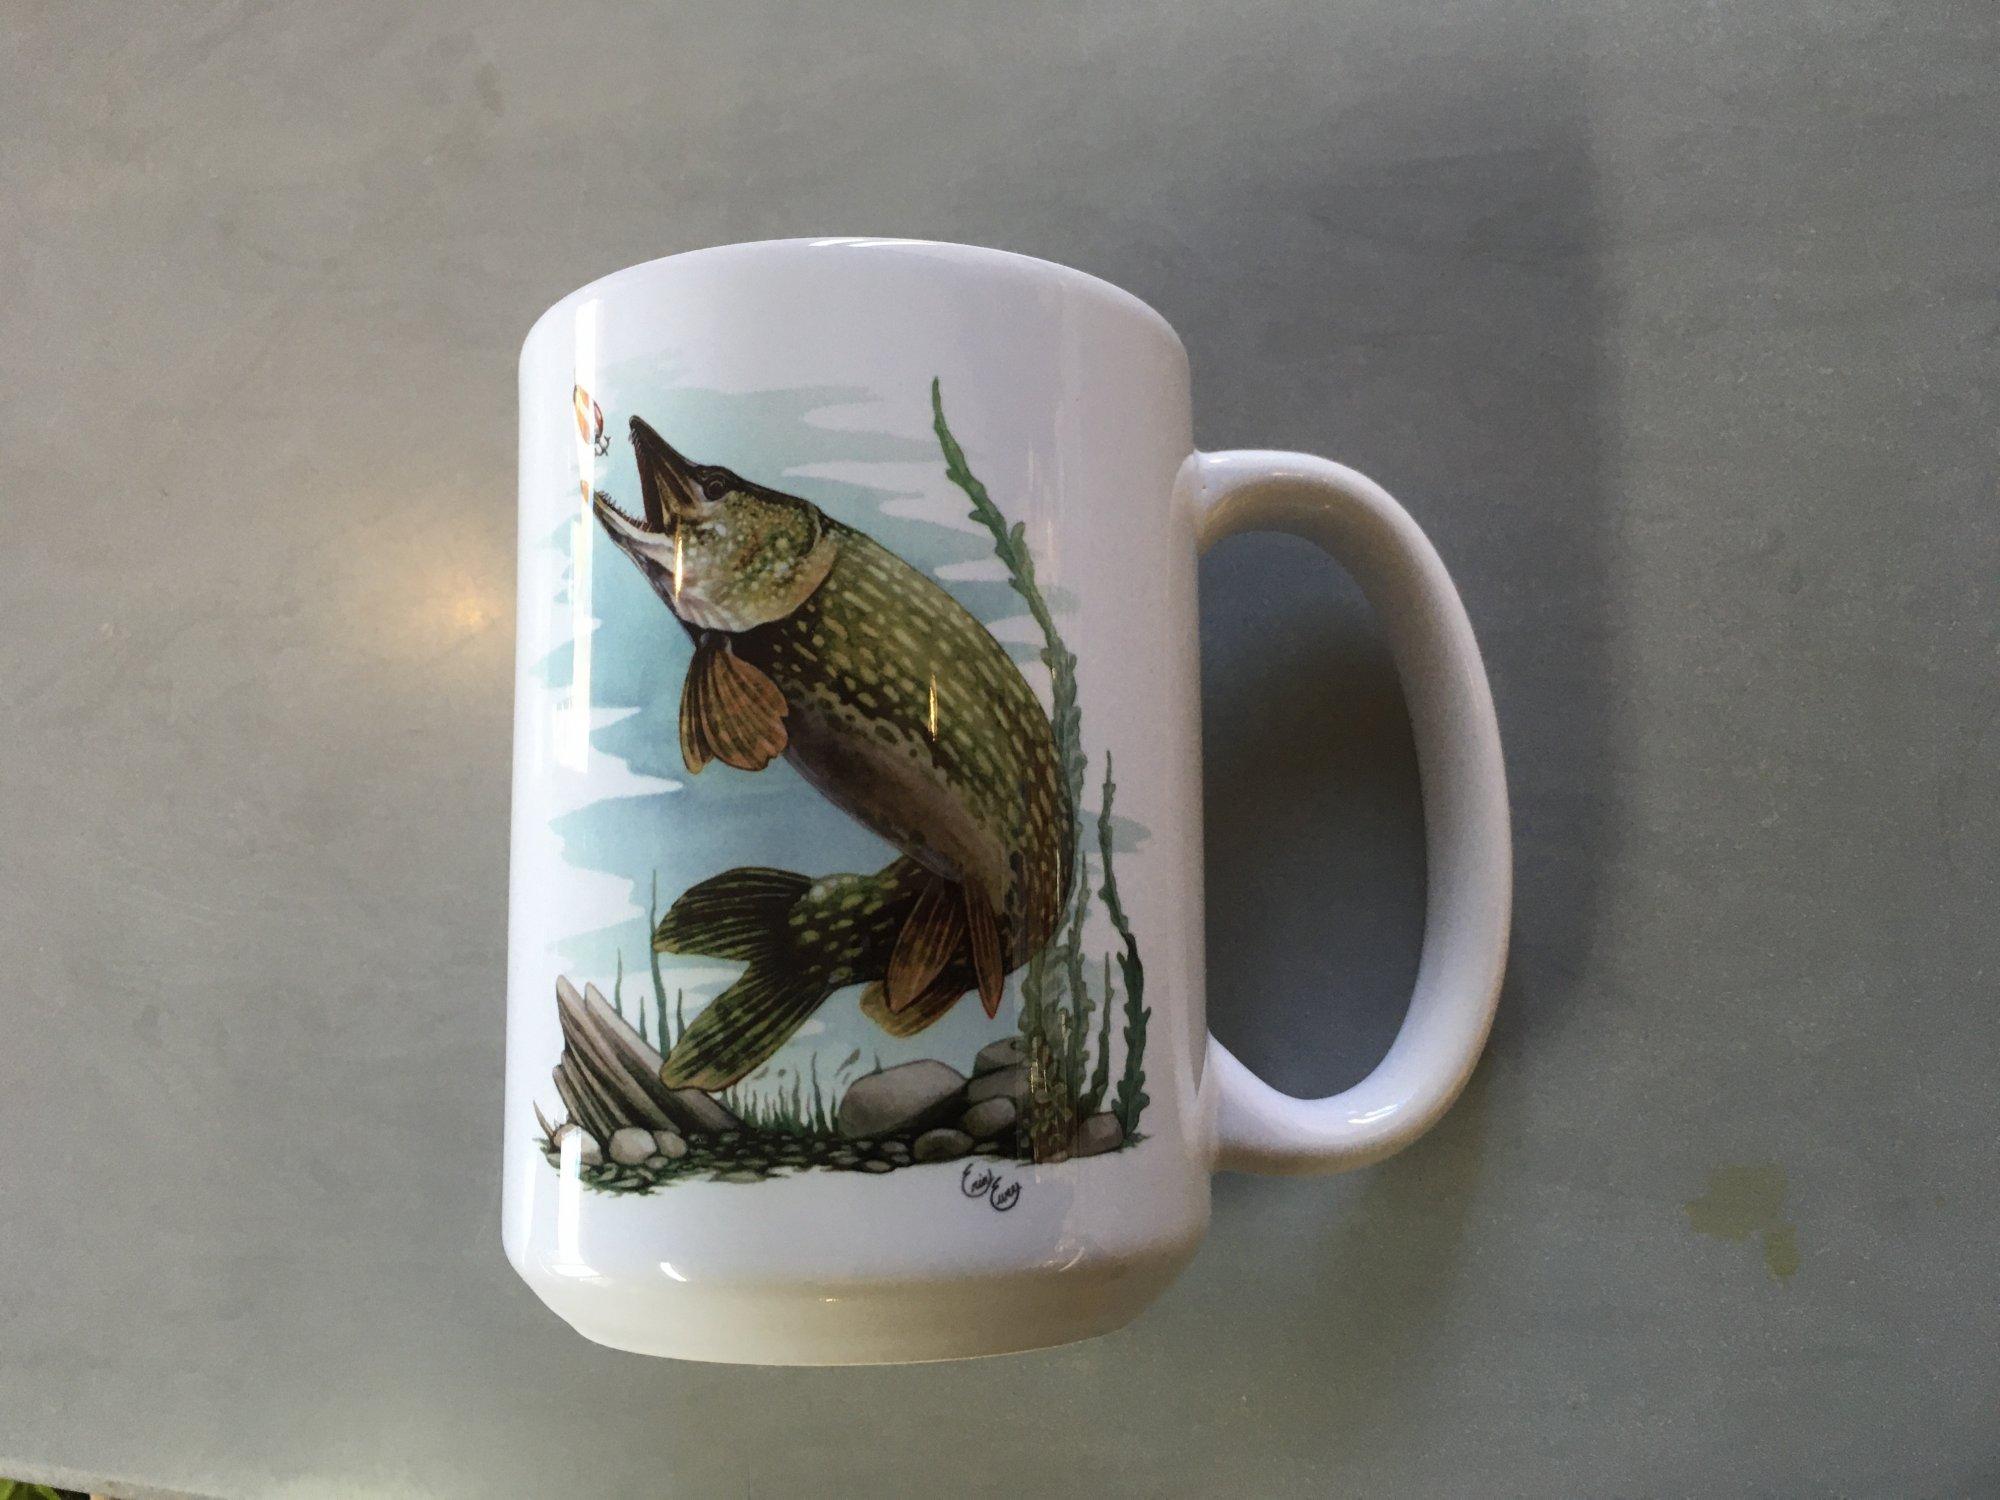 15 oz custom mug